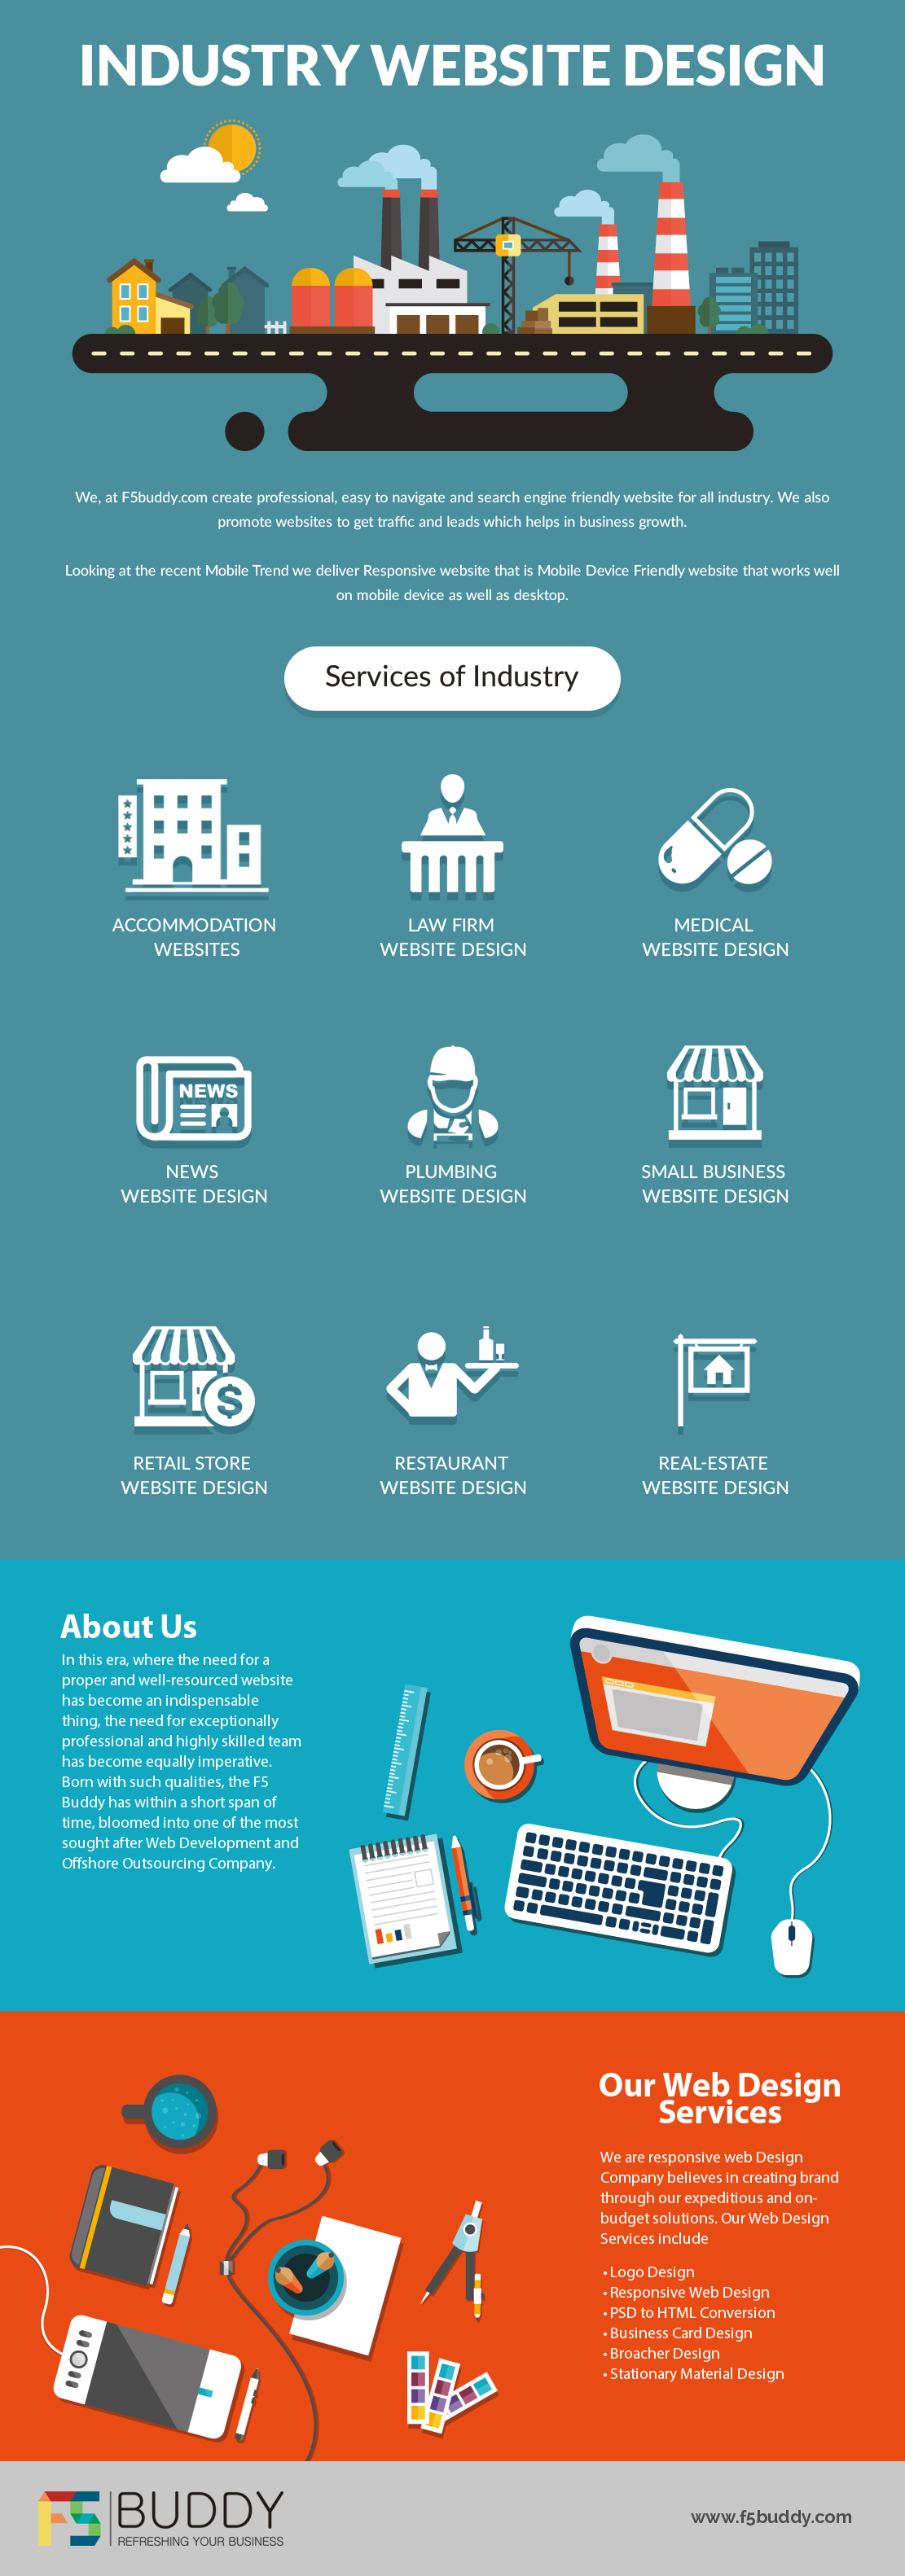 Industry Website Design